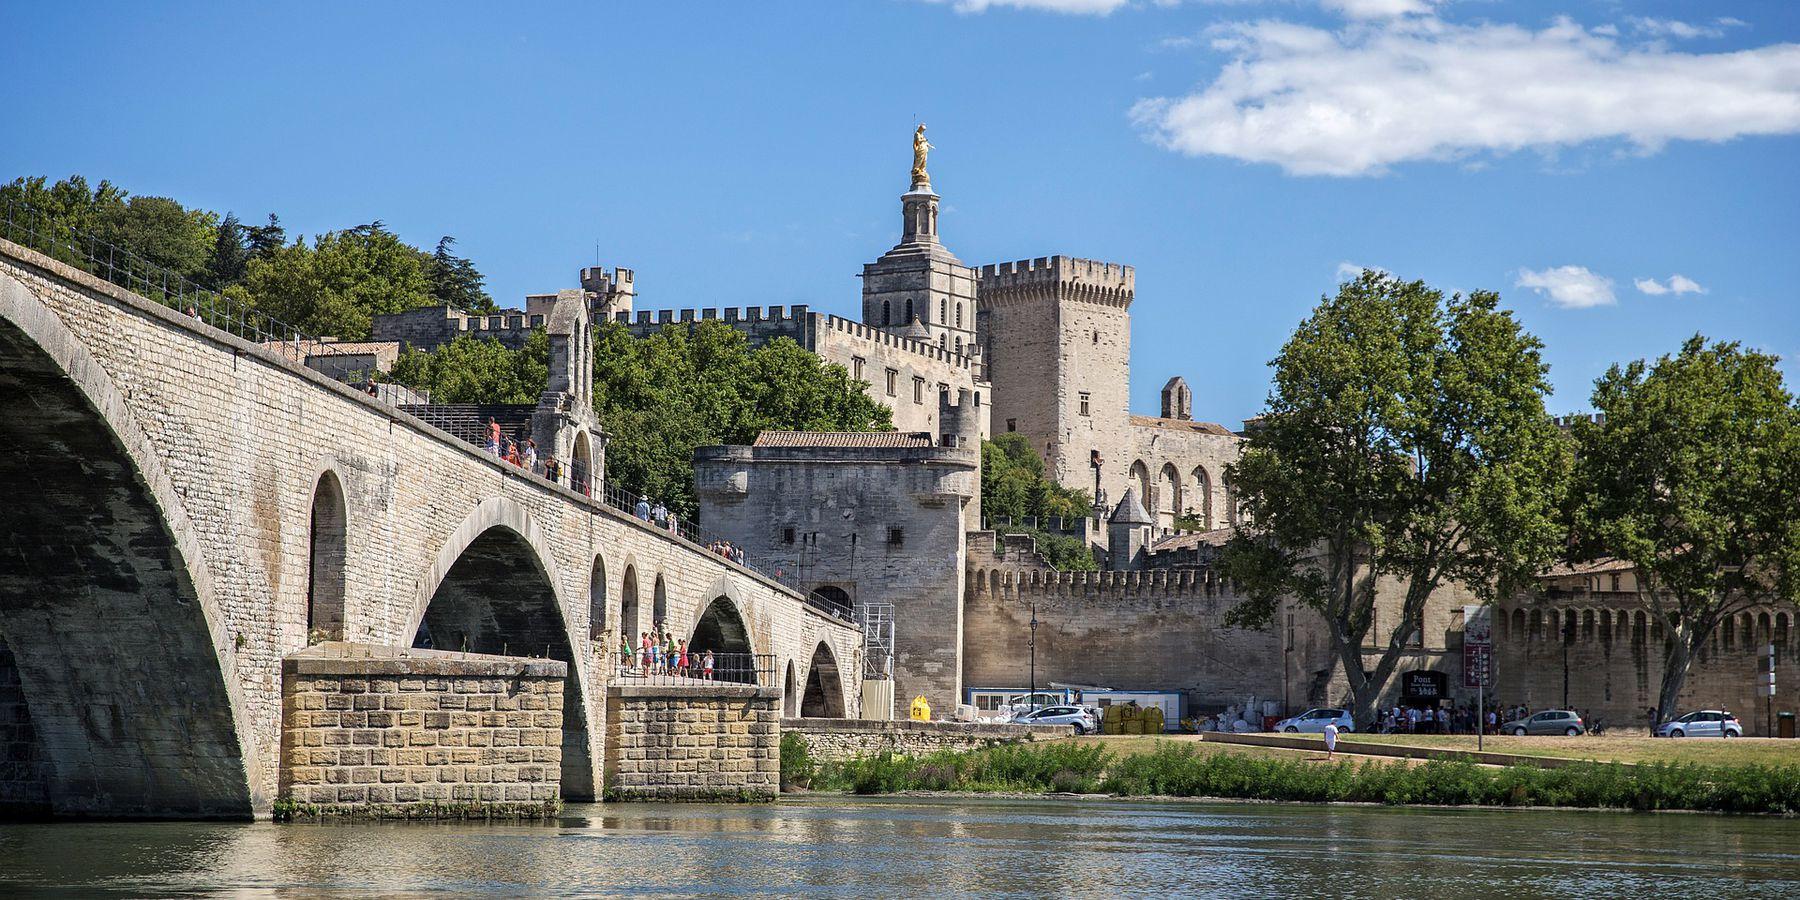 Bridge Avignon - Afbeelding van Gilles Lagnel via Pixabay | Frankrijk | Doets Reizen